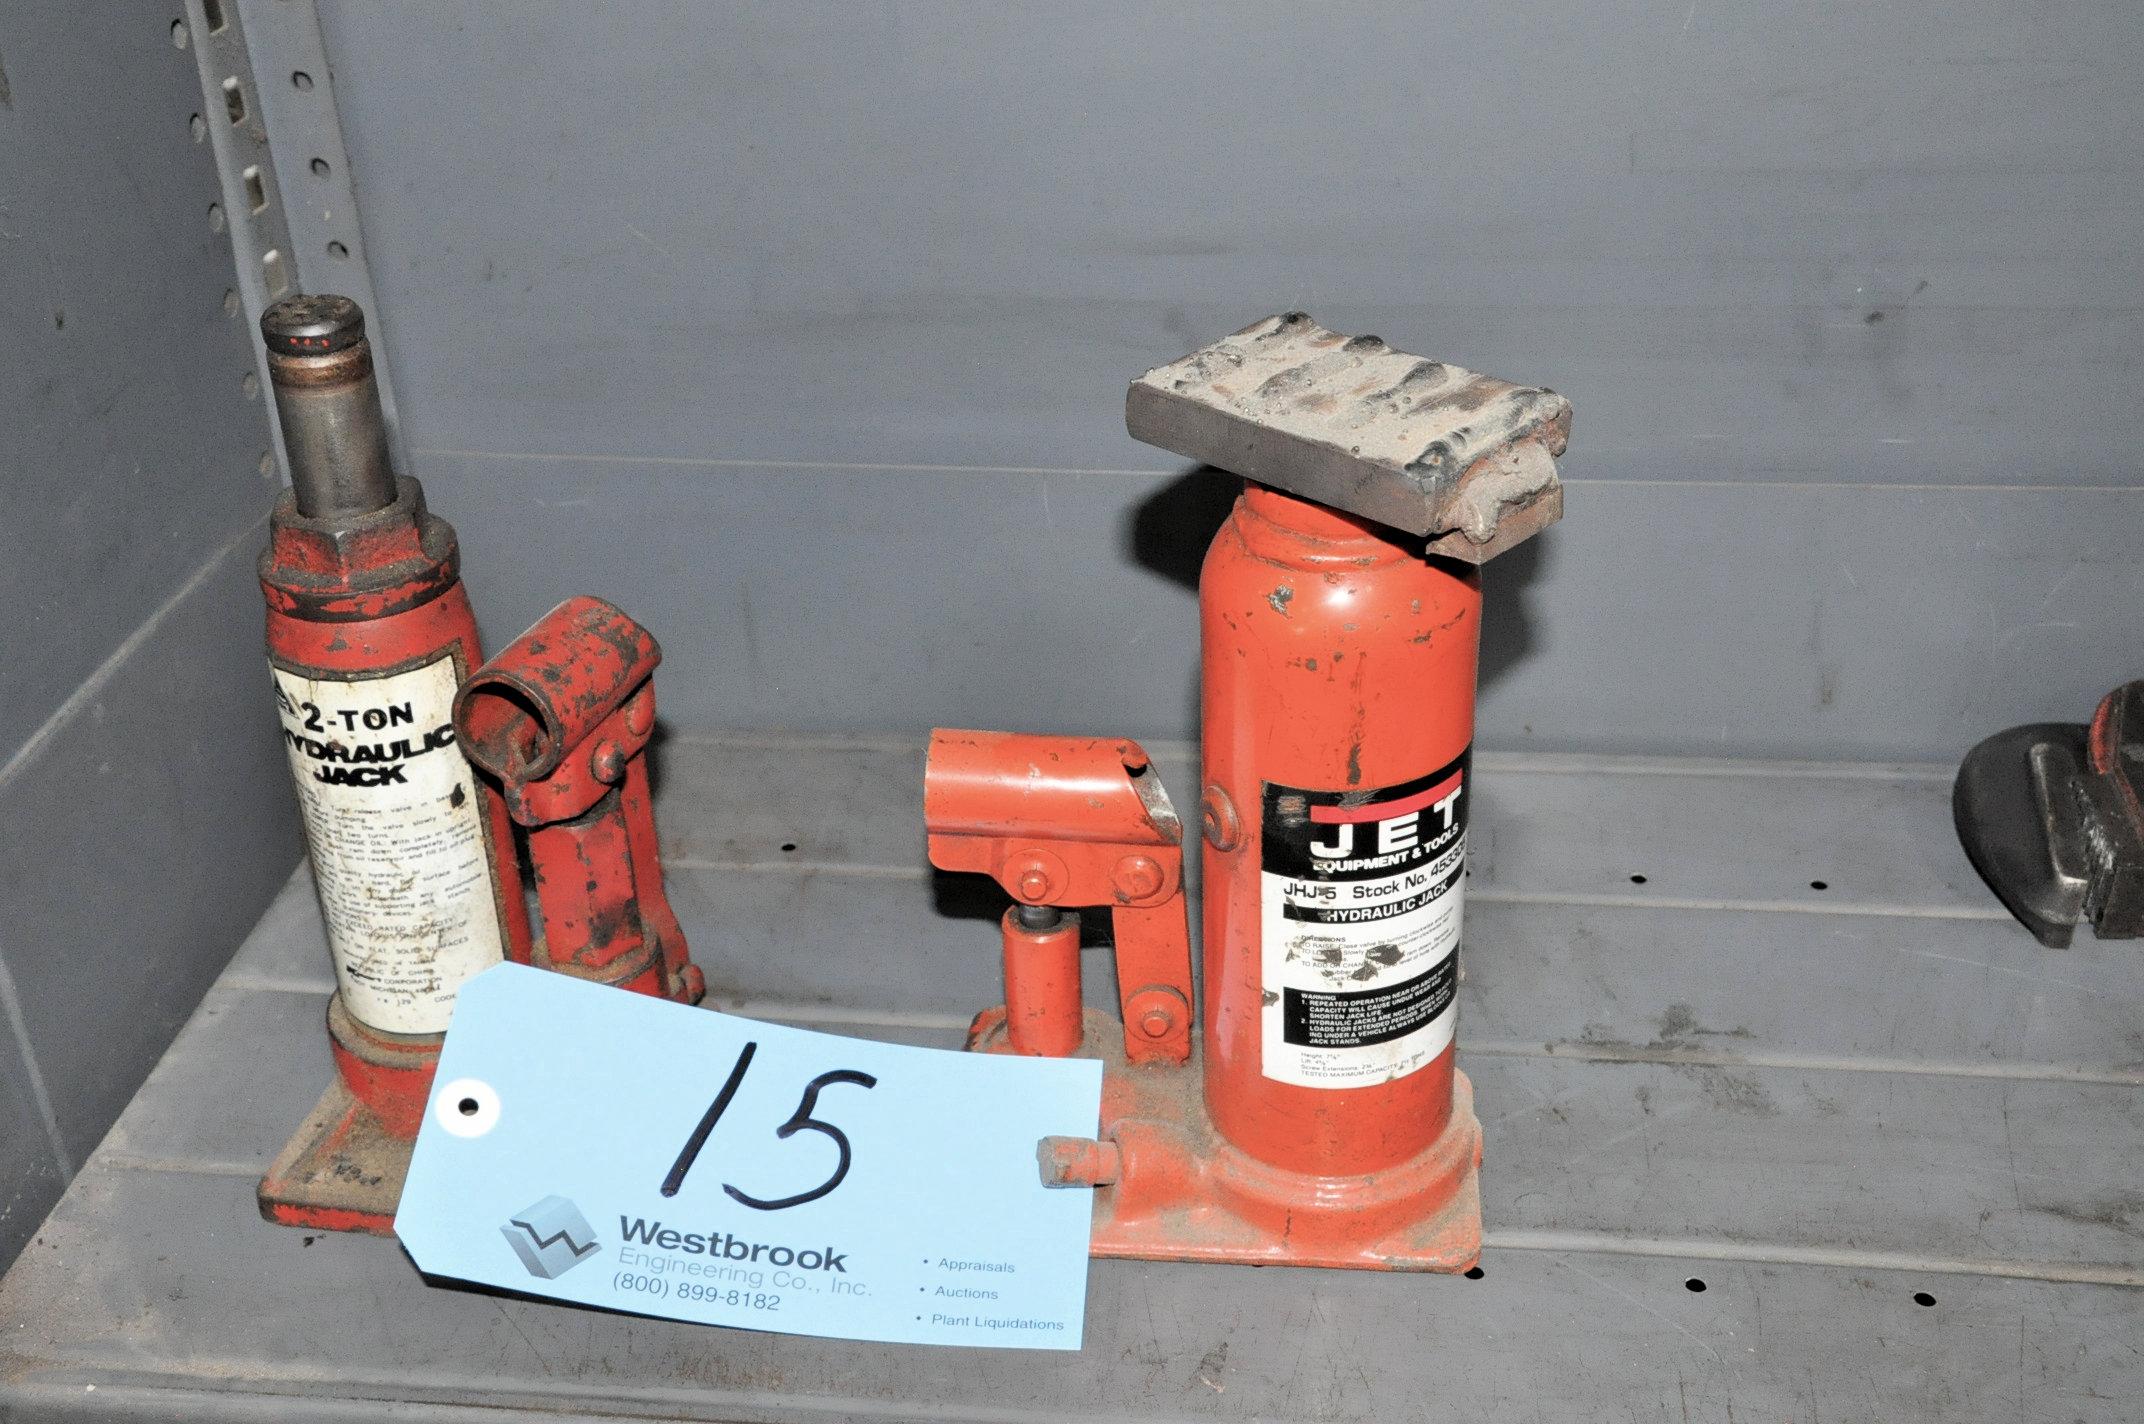 Lot-(1) JET 7 1/2-Ton and (1) No Name 2-Ton Hydraulic Bottle Jacks